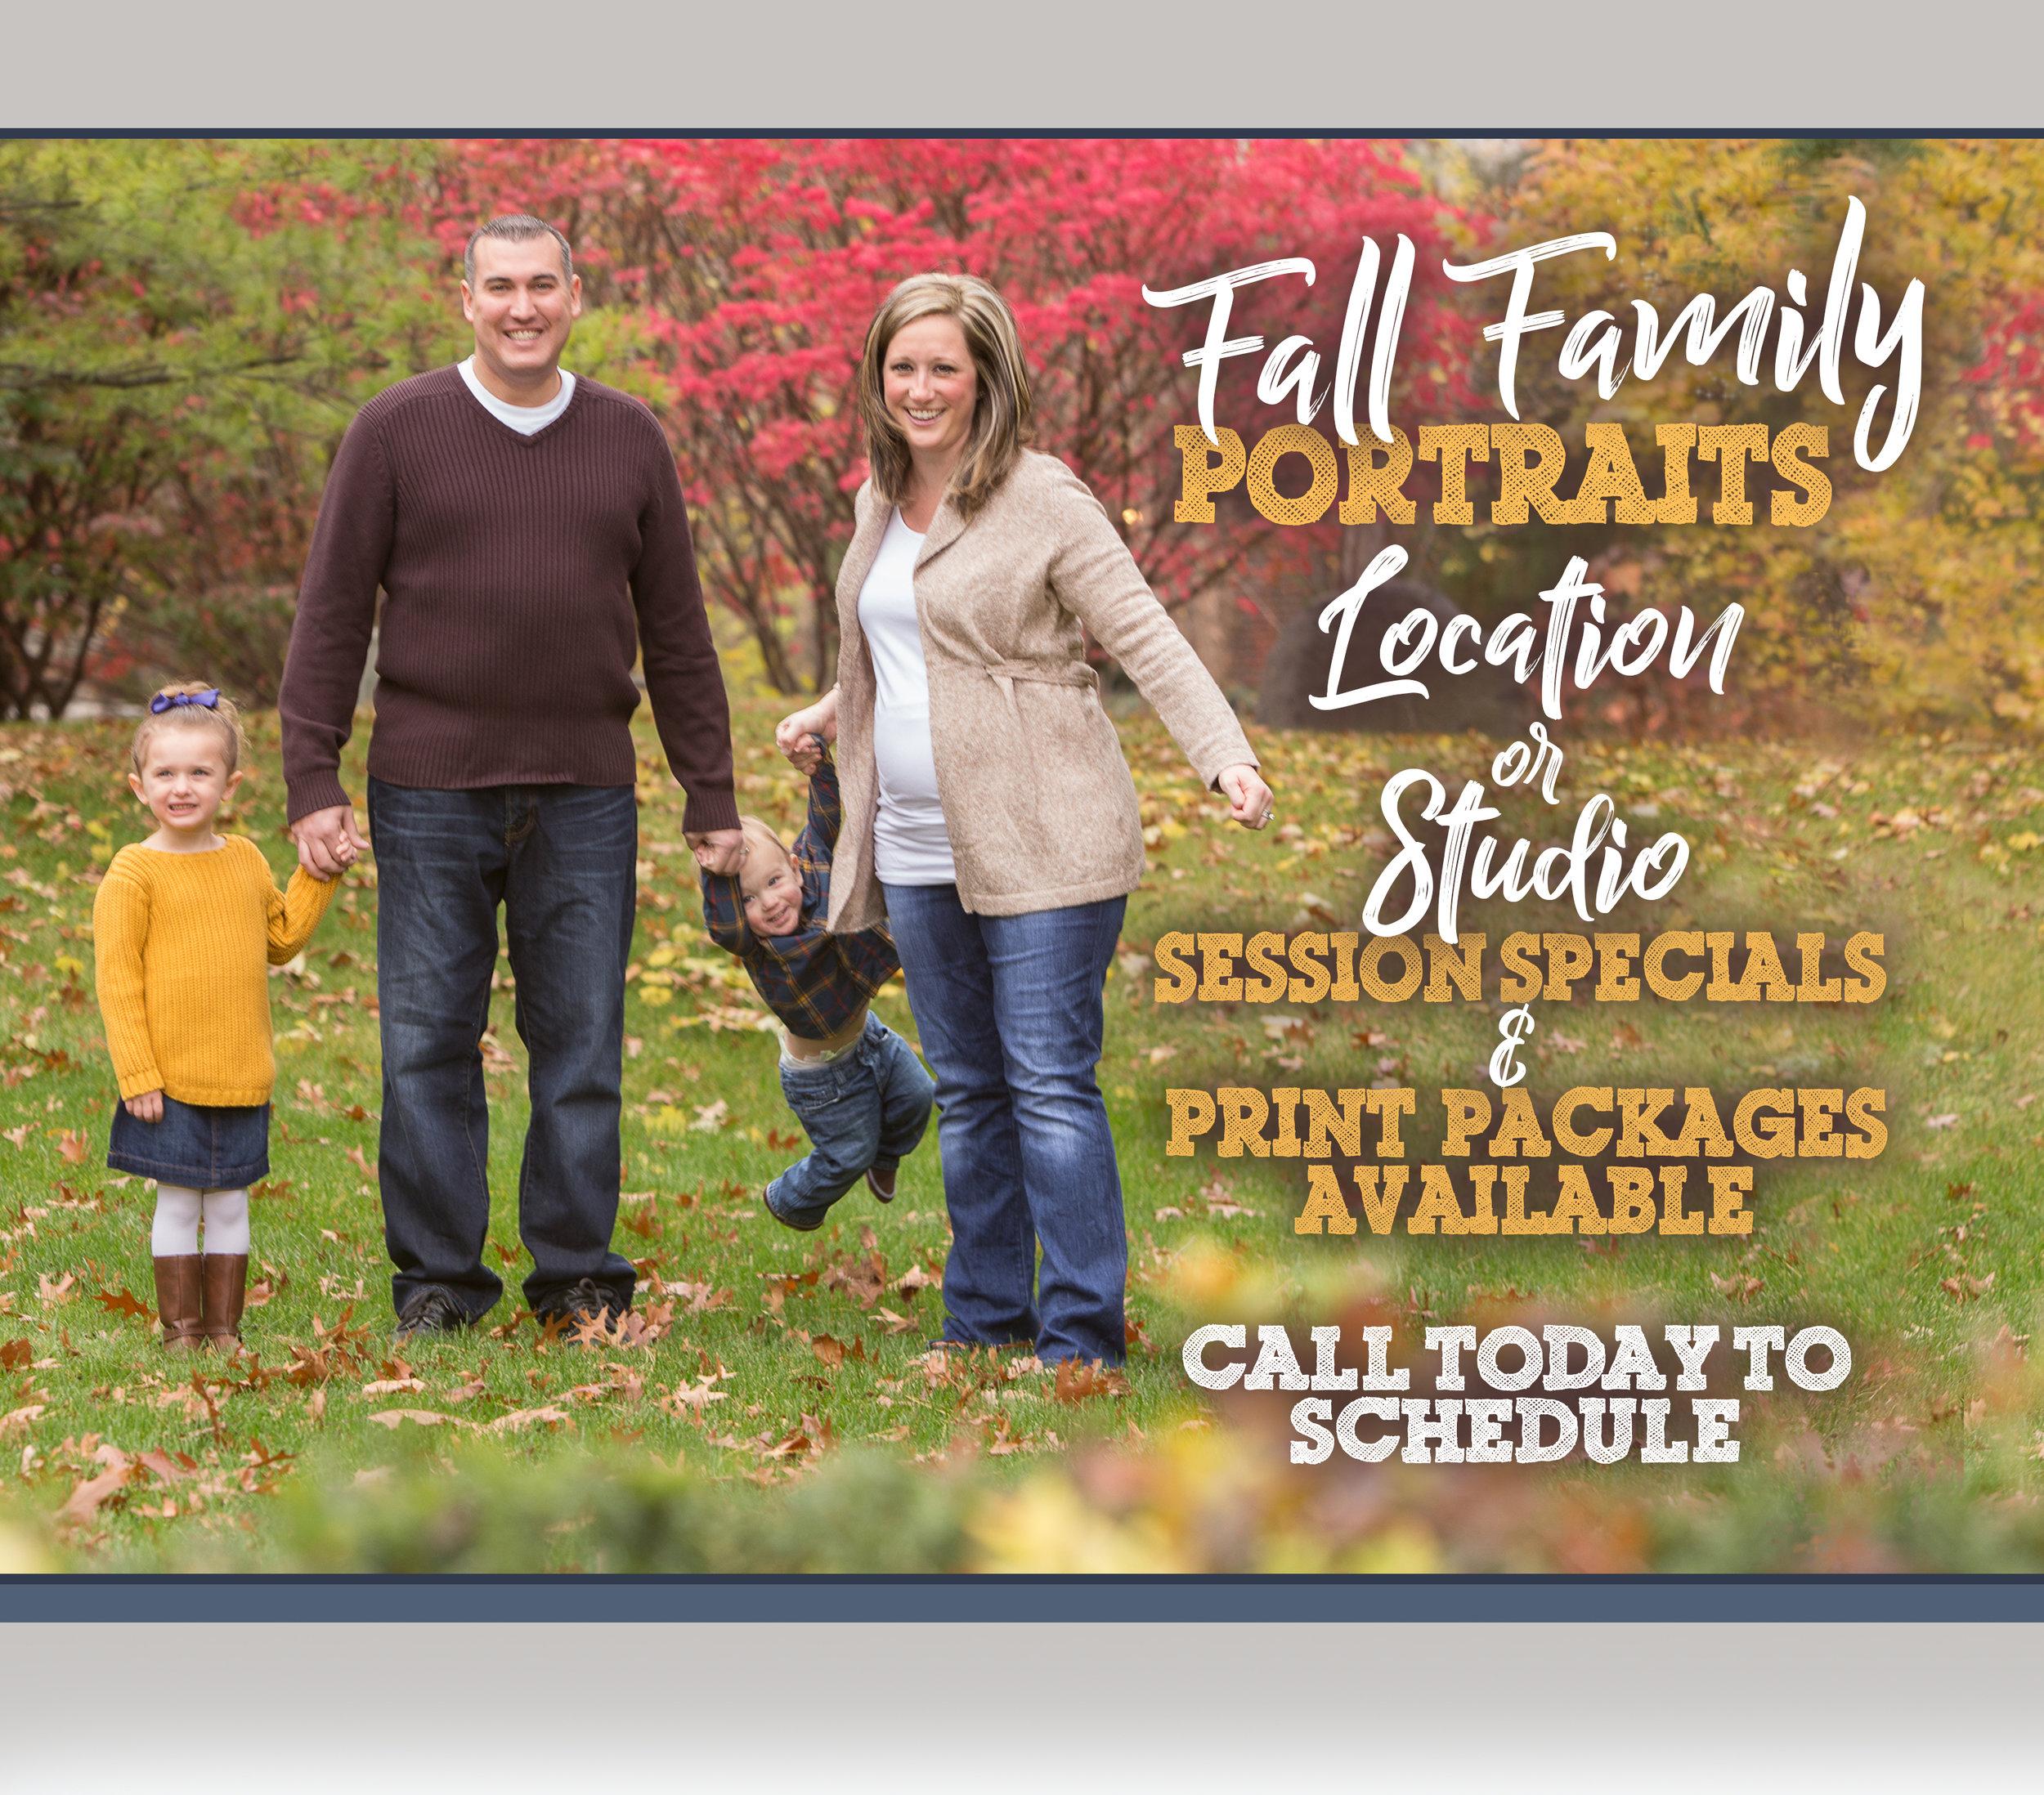 Fall Family portrait.jpg